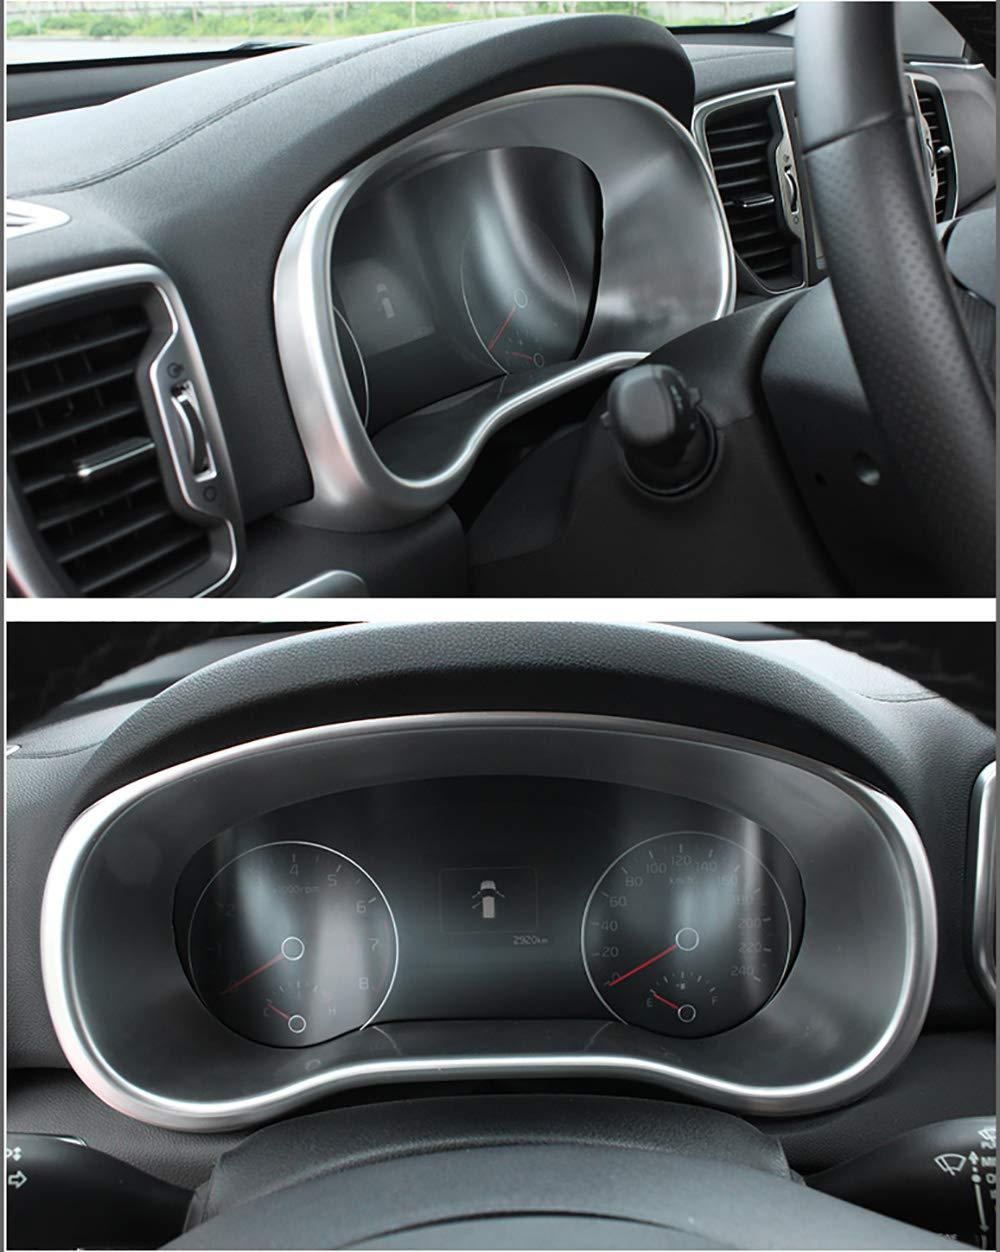 kadore para 2016-2019 Kia Sportage Car Piezas modificadas Interior Centro Consola Tablero de Instrumentos Panel de Instrumentos Cubierta Ajuste 1pc